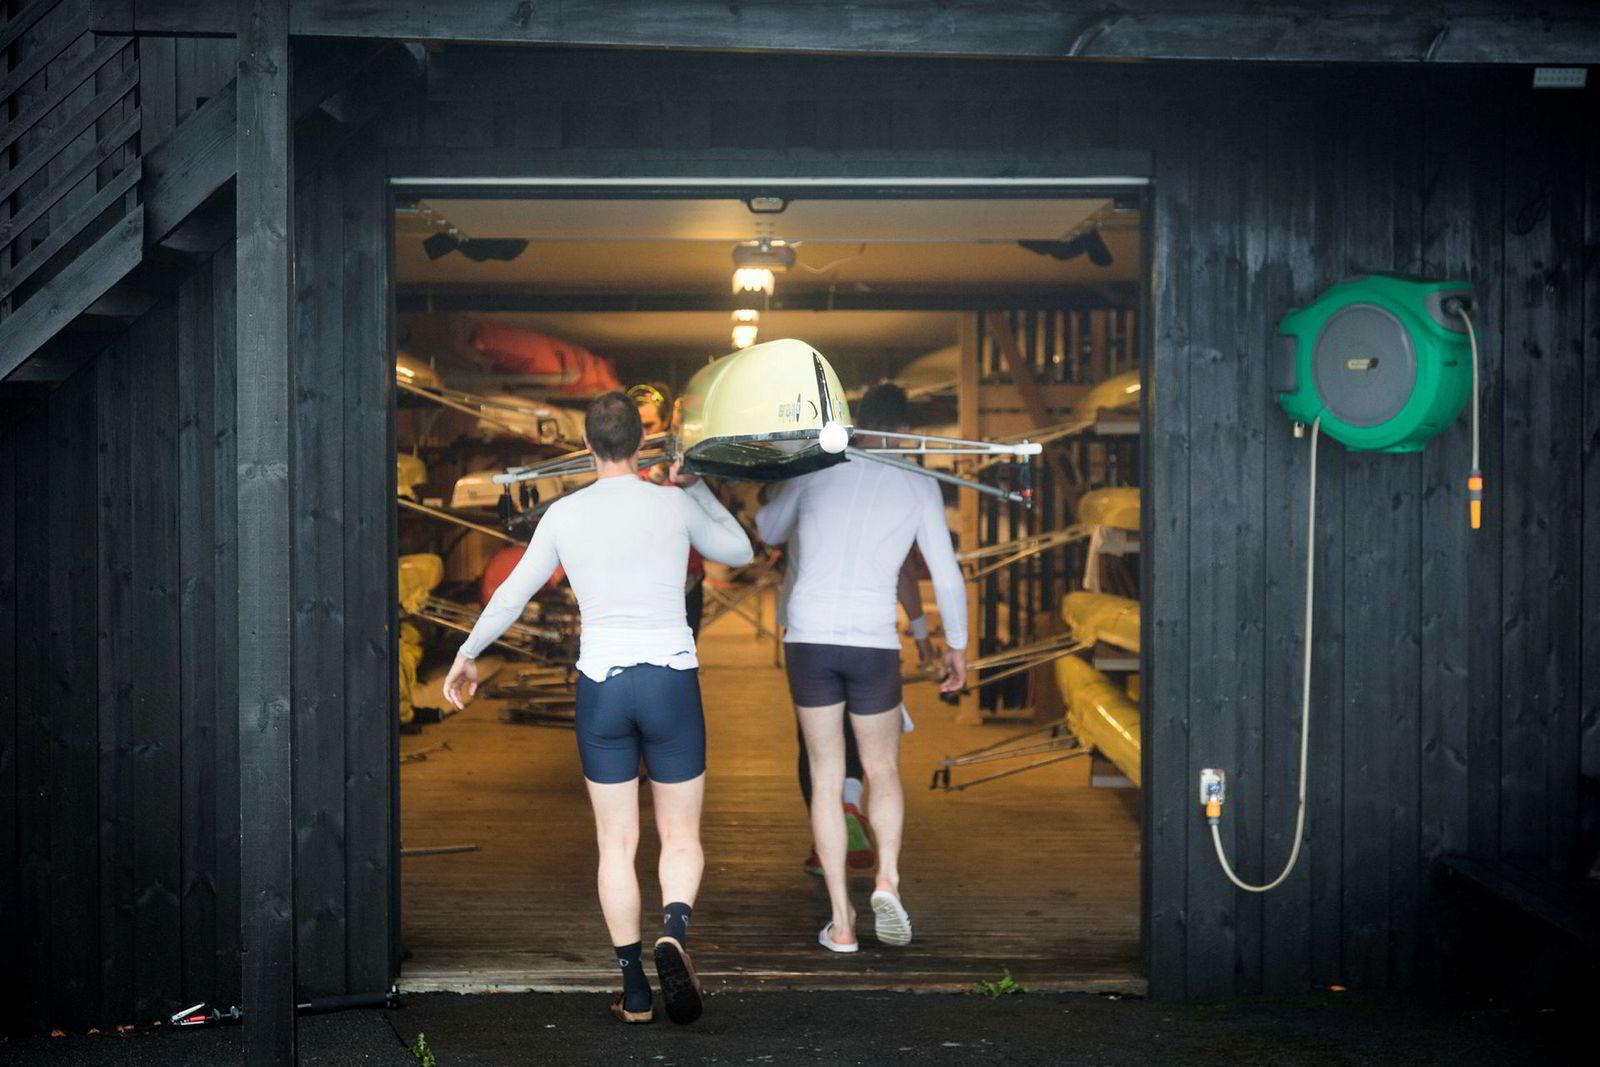 Robåten bæres på plass i klubbhuset til Christiania Roklubb ved Bogstadvannet etter endt treningsøkt.